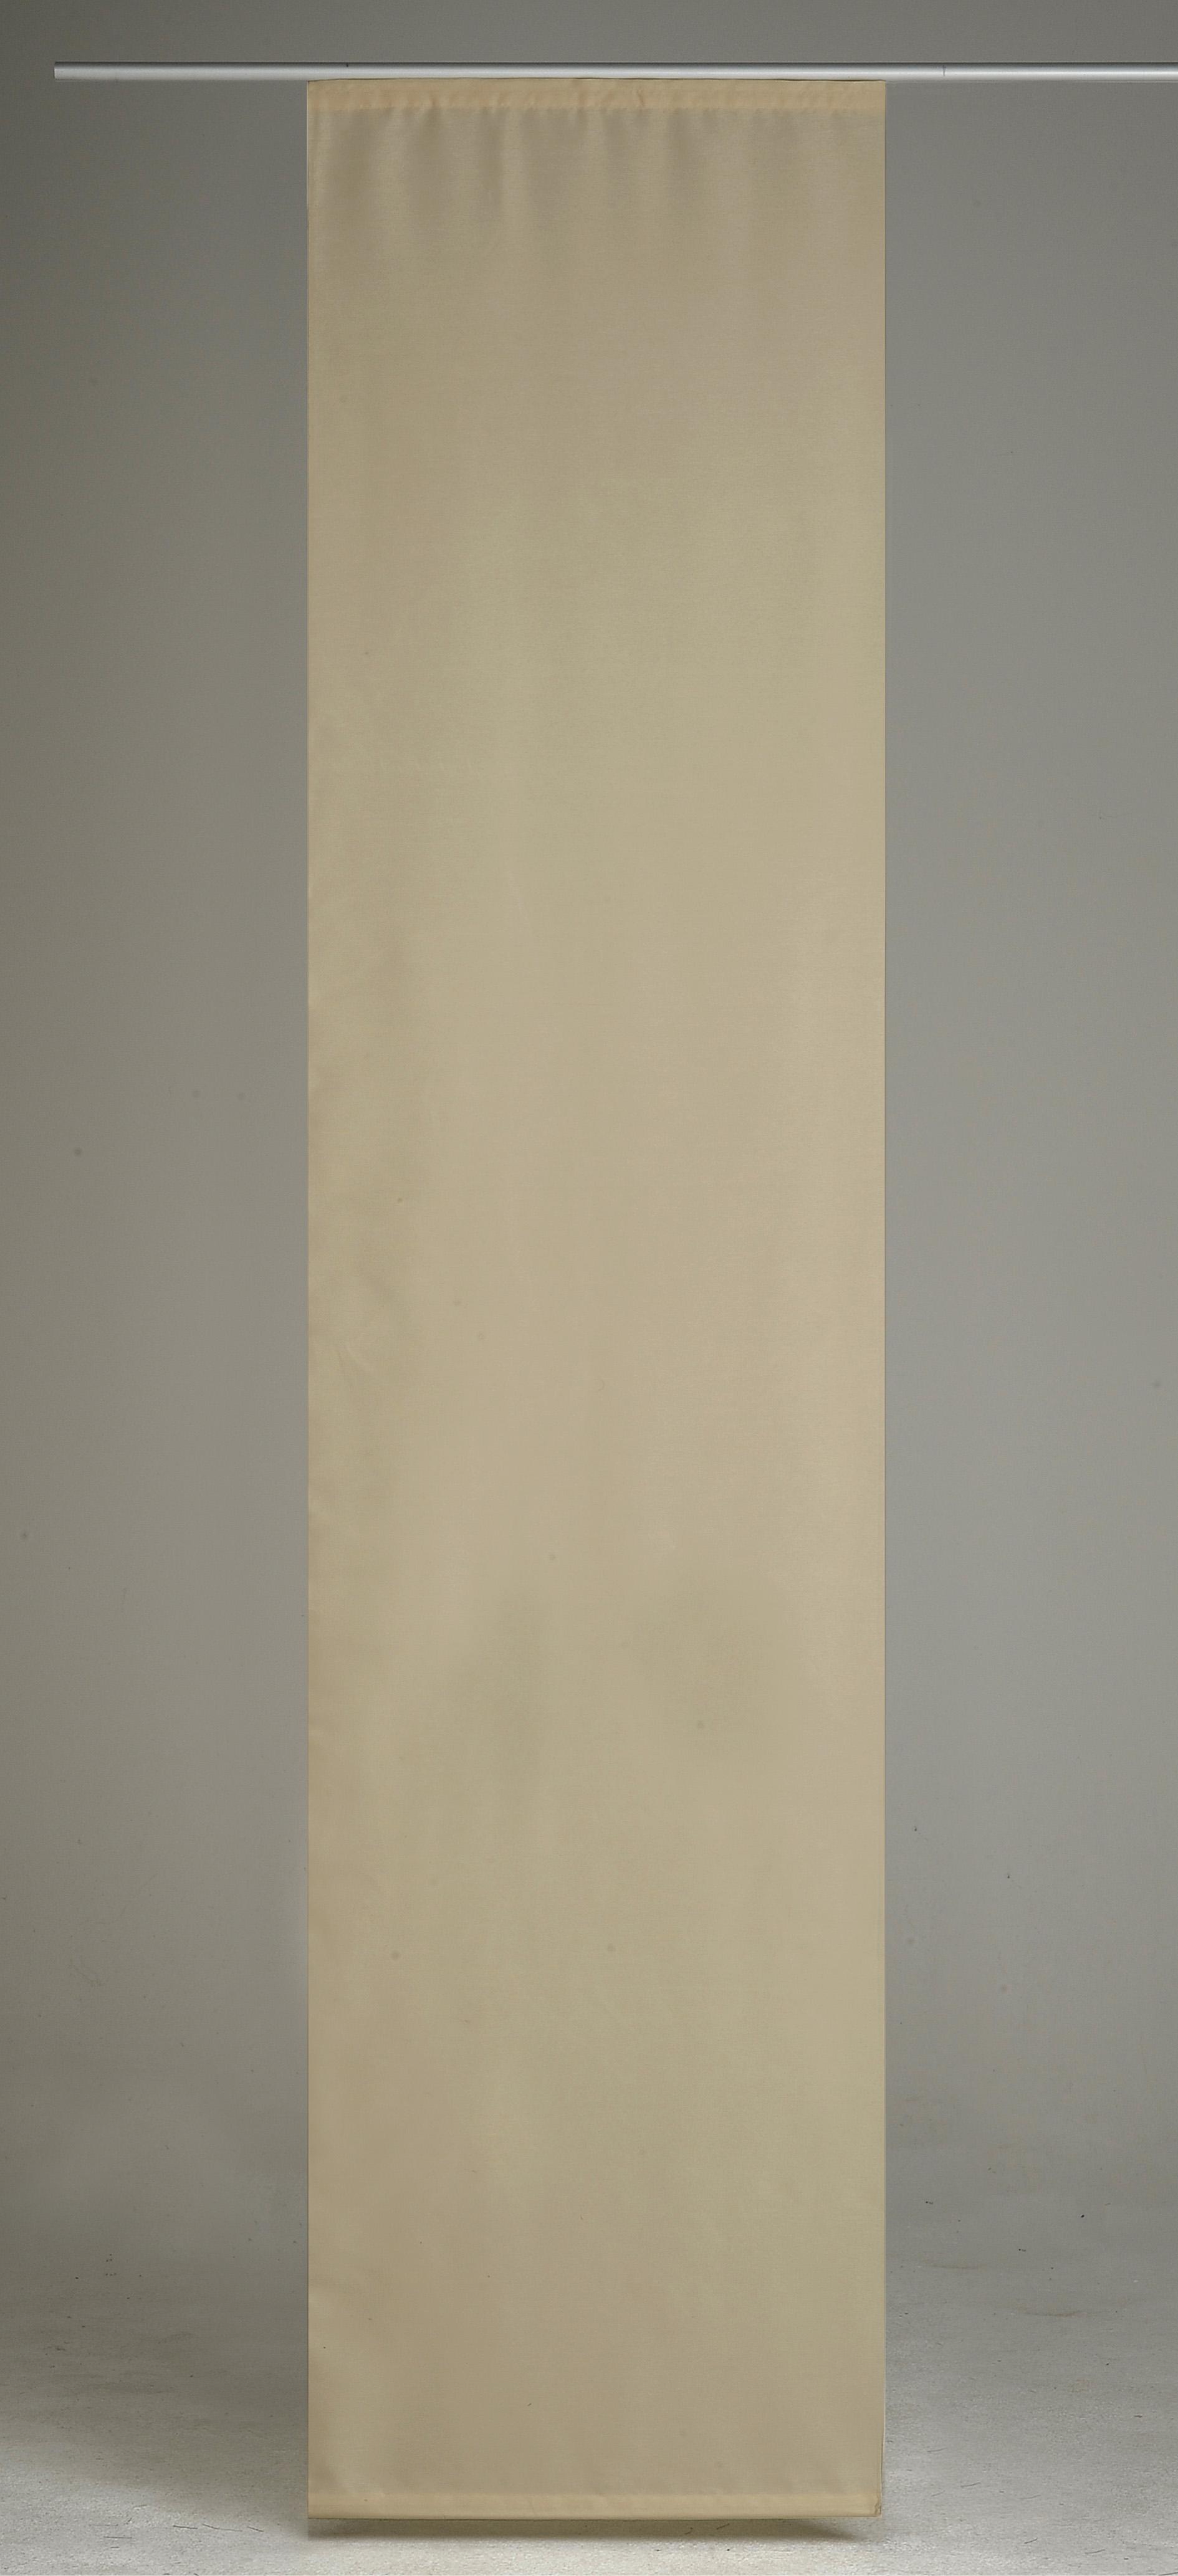 7 couleurs rideau coulissant panneau coulissant panneau japonais rideau 60x245cm ebay. Black Bedroom Furniture Sets. Home Design Ideas